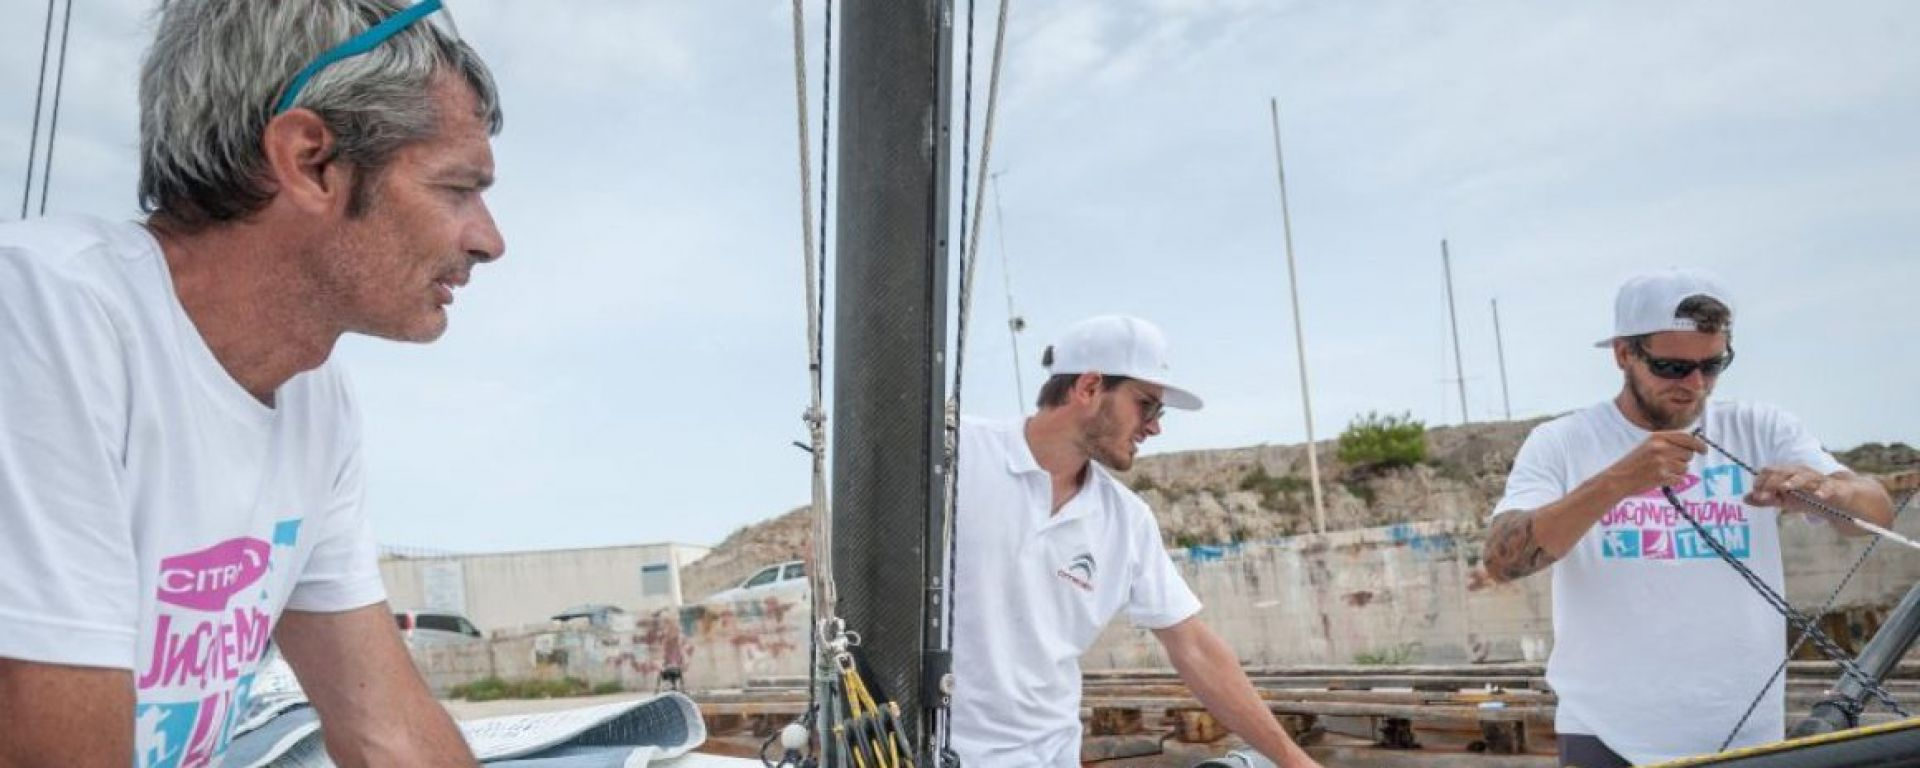 Citroen Unconventional Team: è record per Nico e Vittorio Malingri